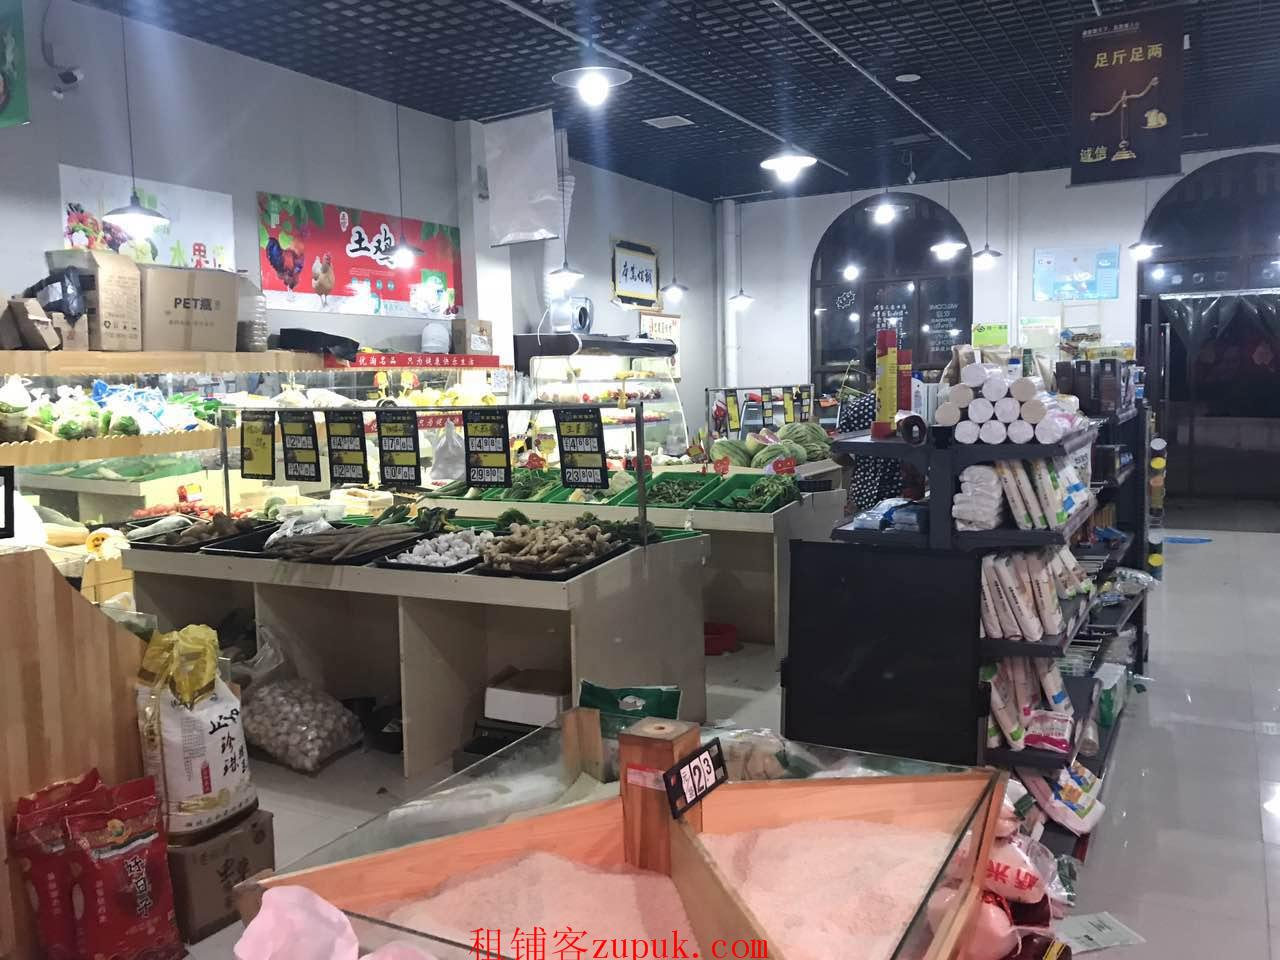 南湖生鲜百货超市优惠转让